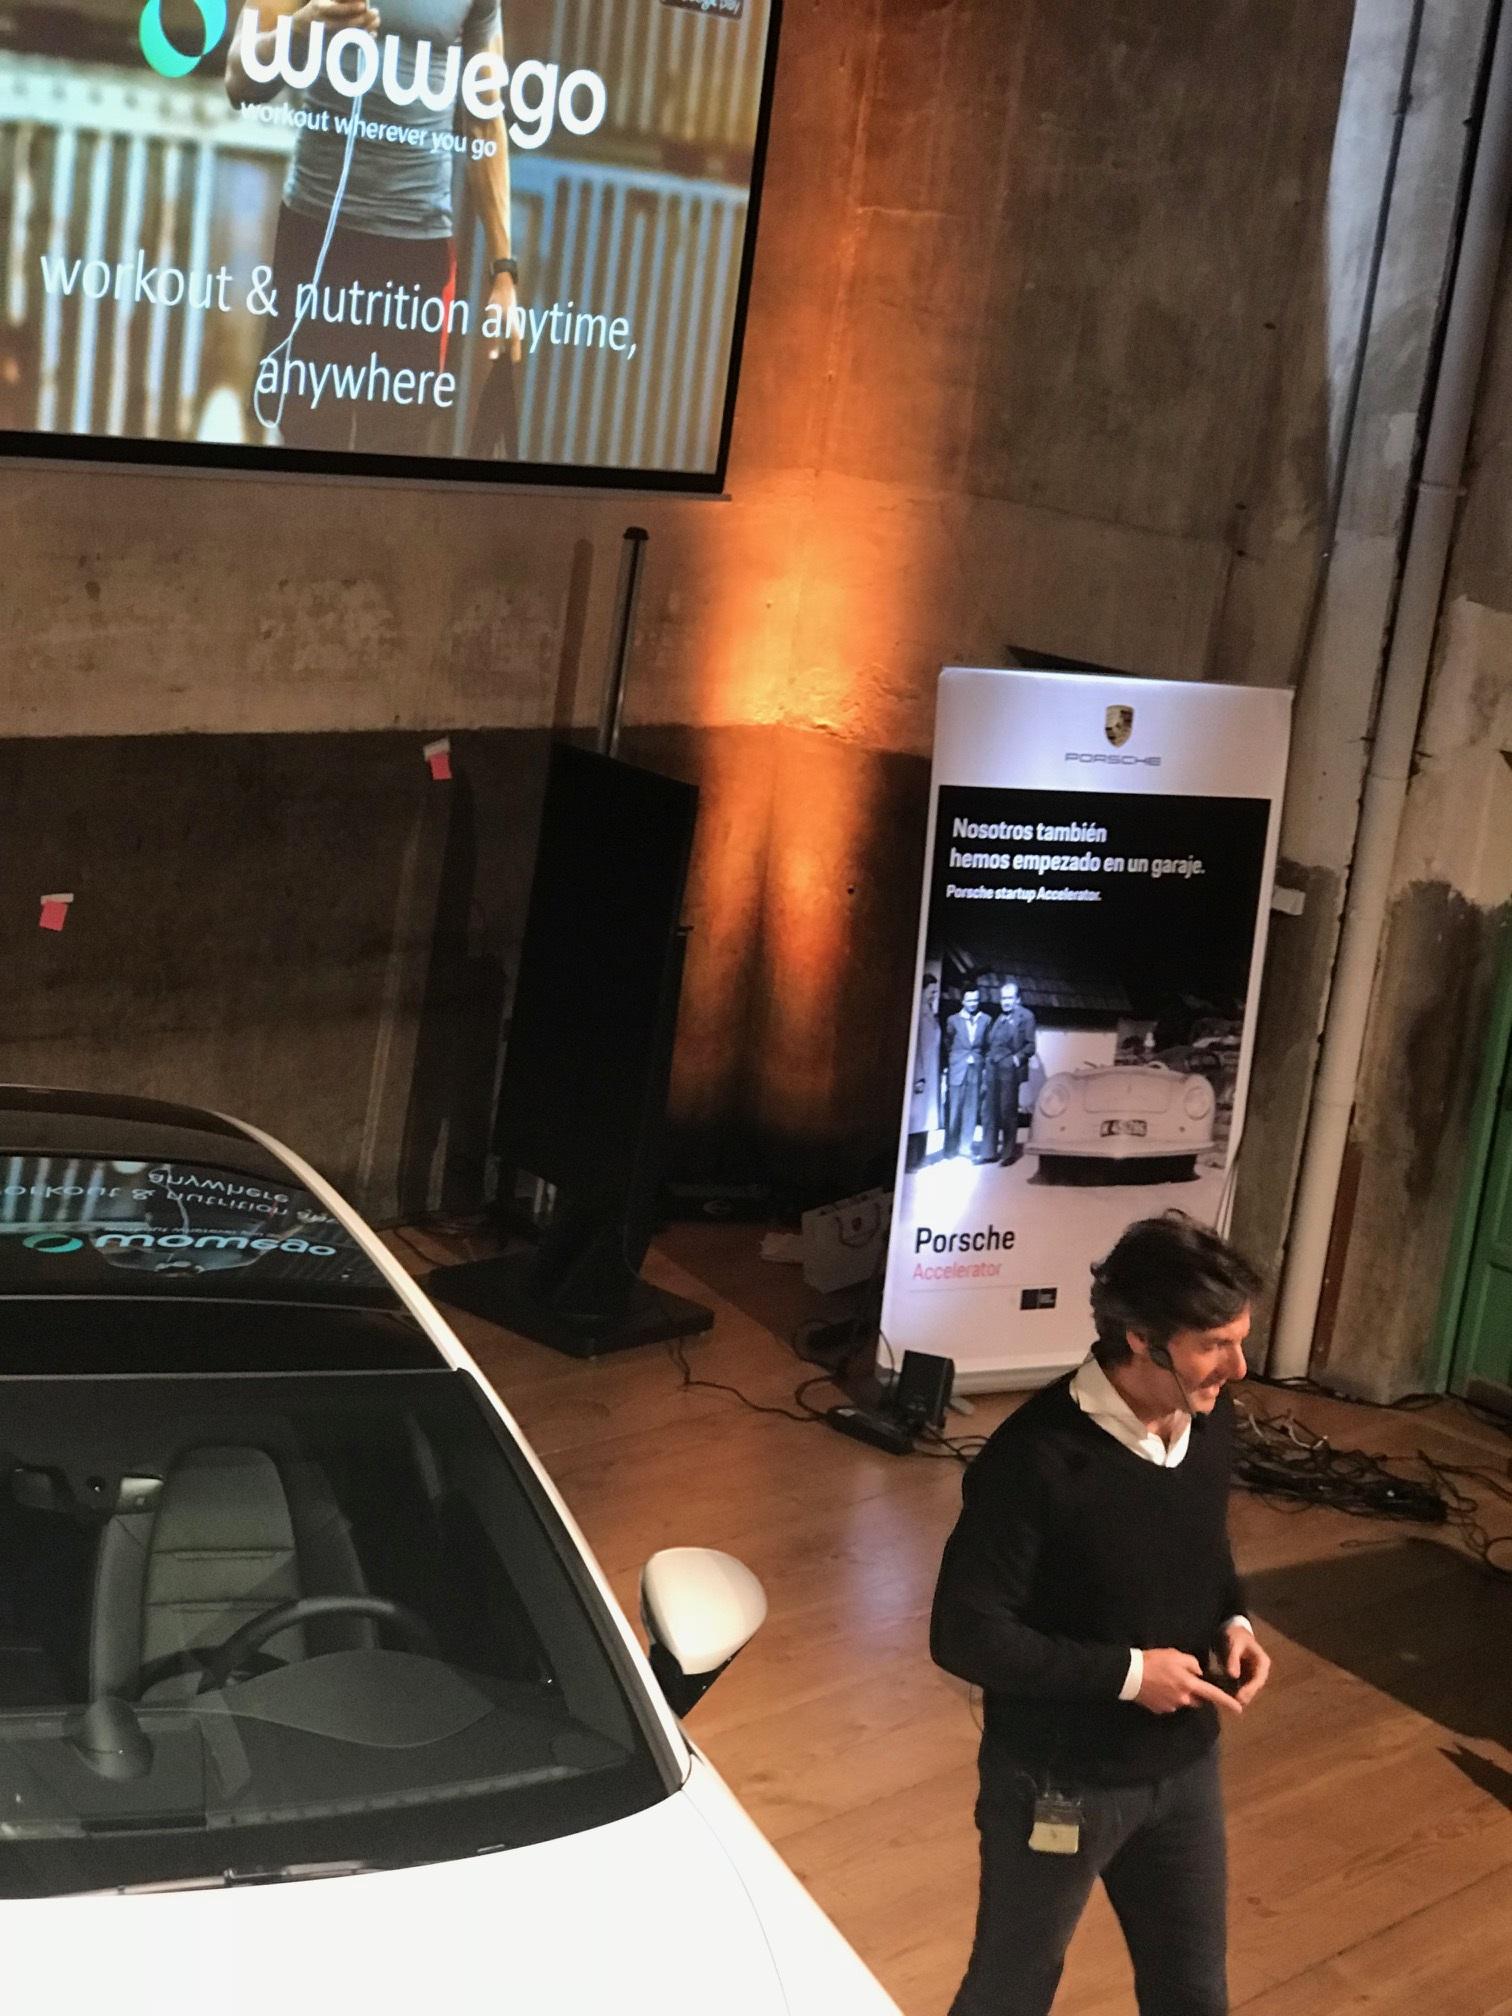 Porsche Accelerator acelerará Wowego (fitness app)